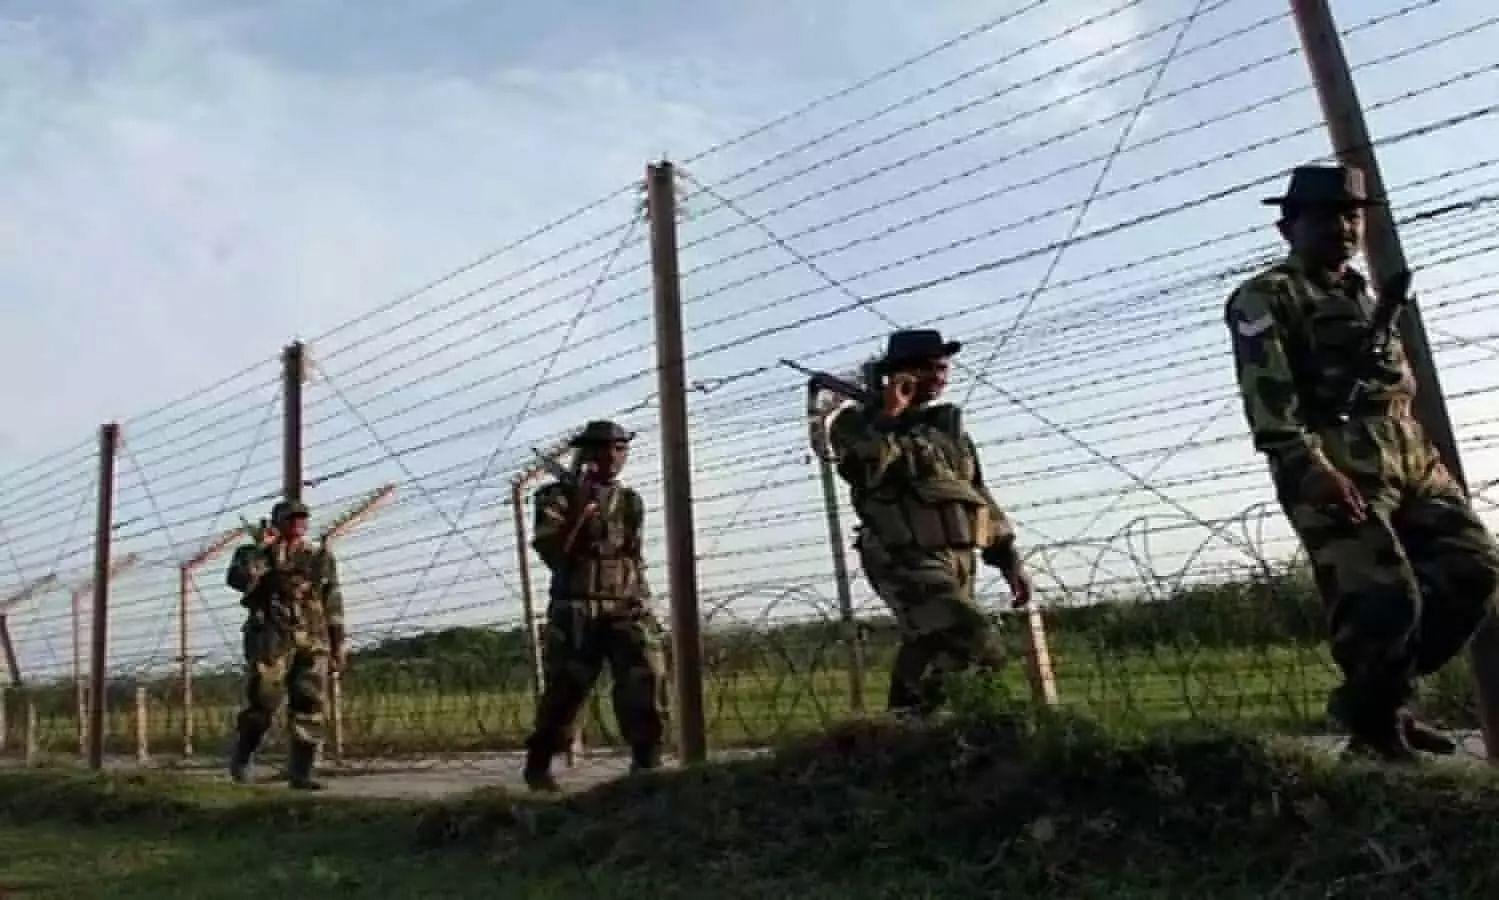 Increasing Number of People from Myanmar Seek Shelter in Mizoram amid Myanmar Protests & Unrest